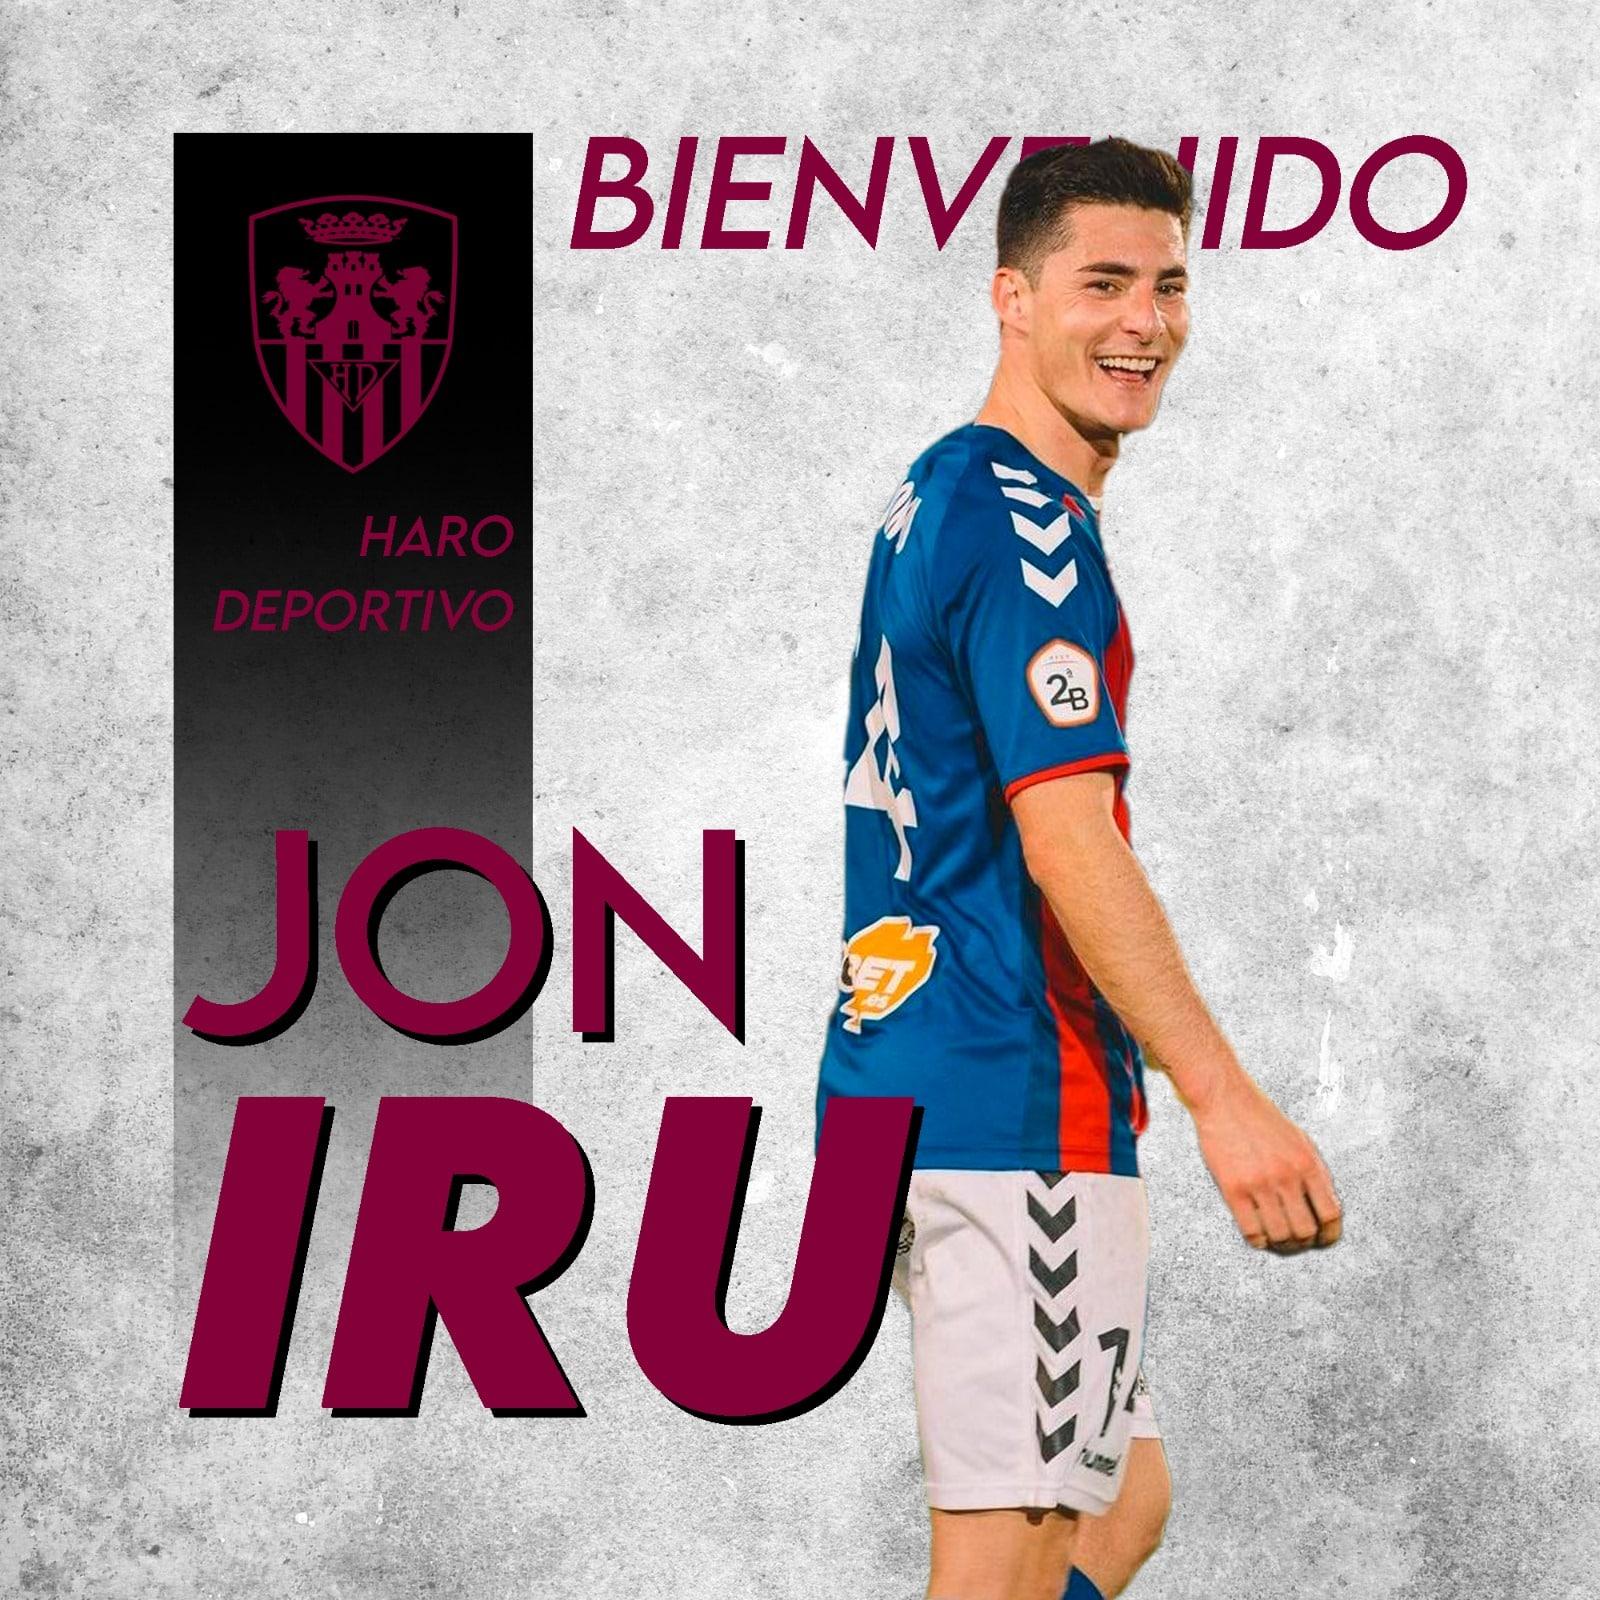 El Haro fortalece el centro del campo con Jon Iru 1